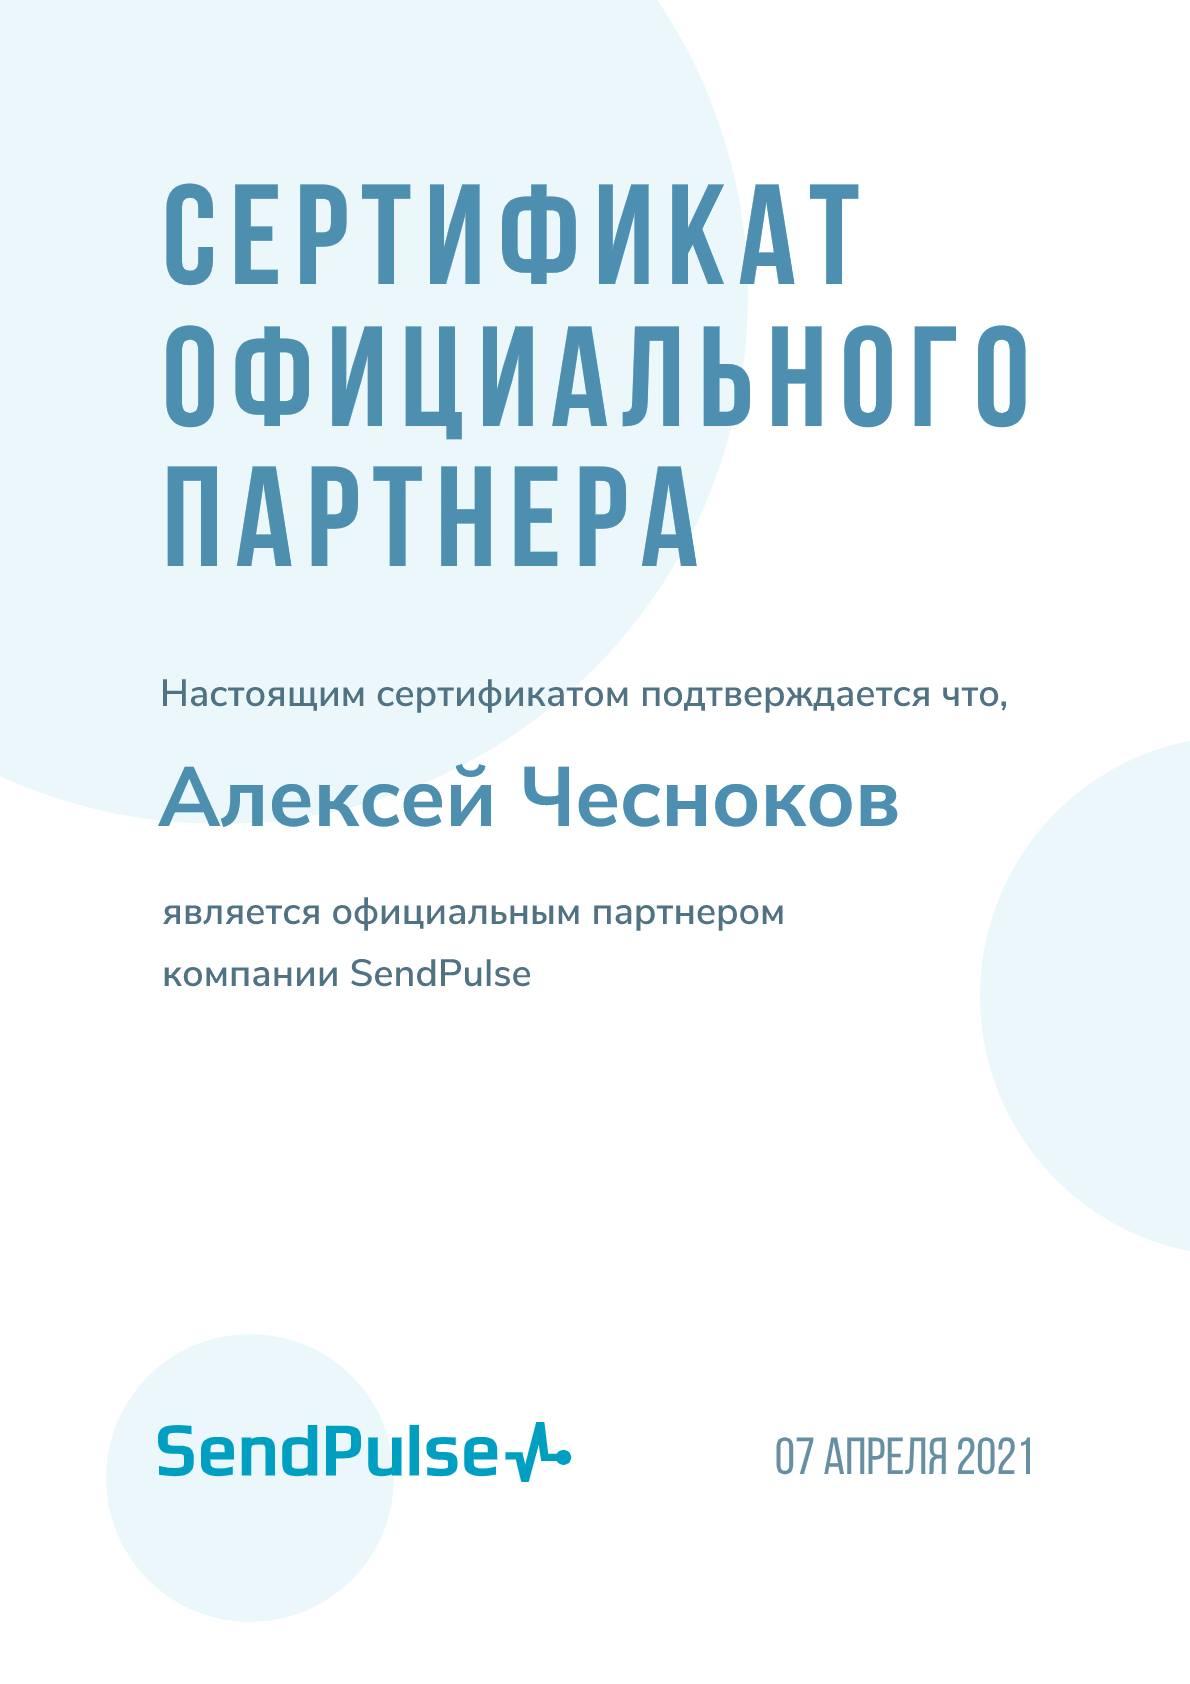 Сертификат партнера SendPulse